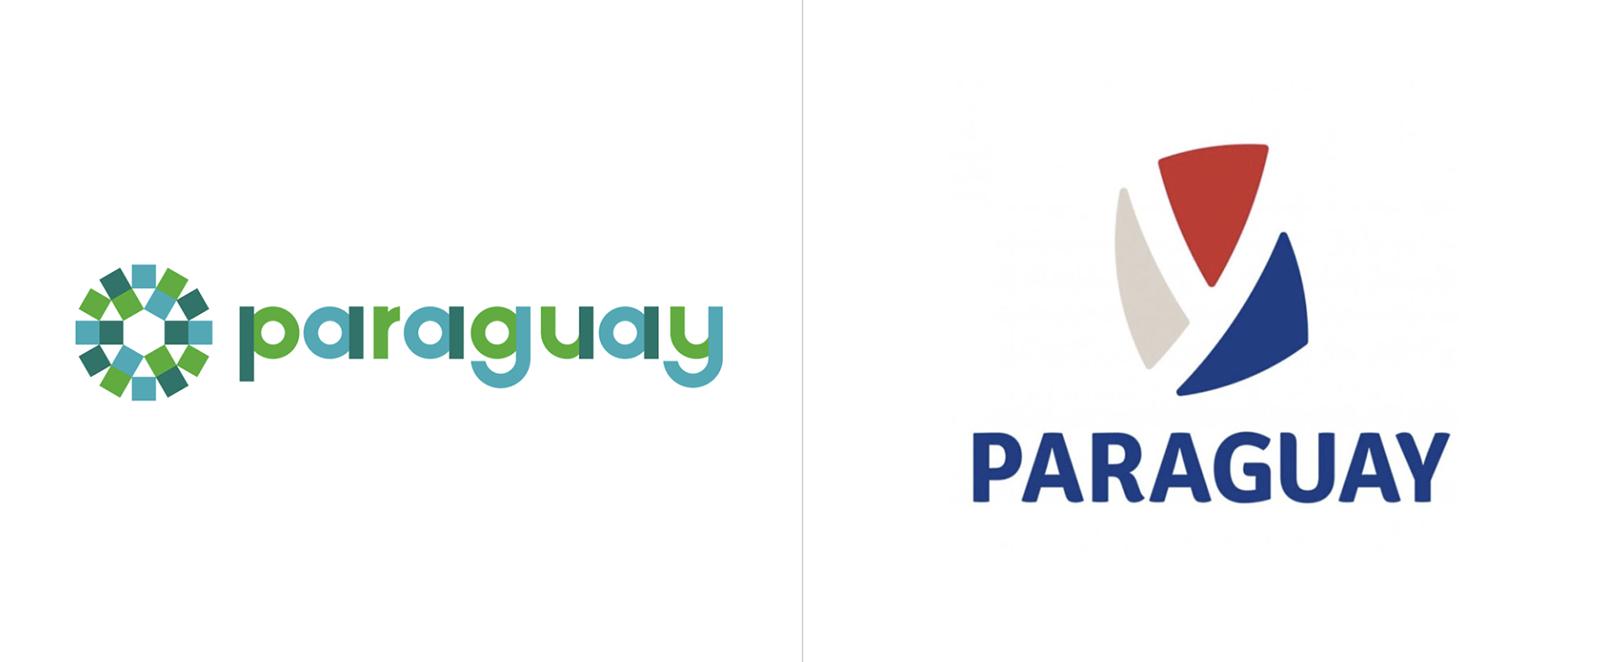 南美国家巴拉圭启用全新的国家形象并发布新的logo-深圳VI设计